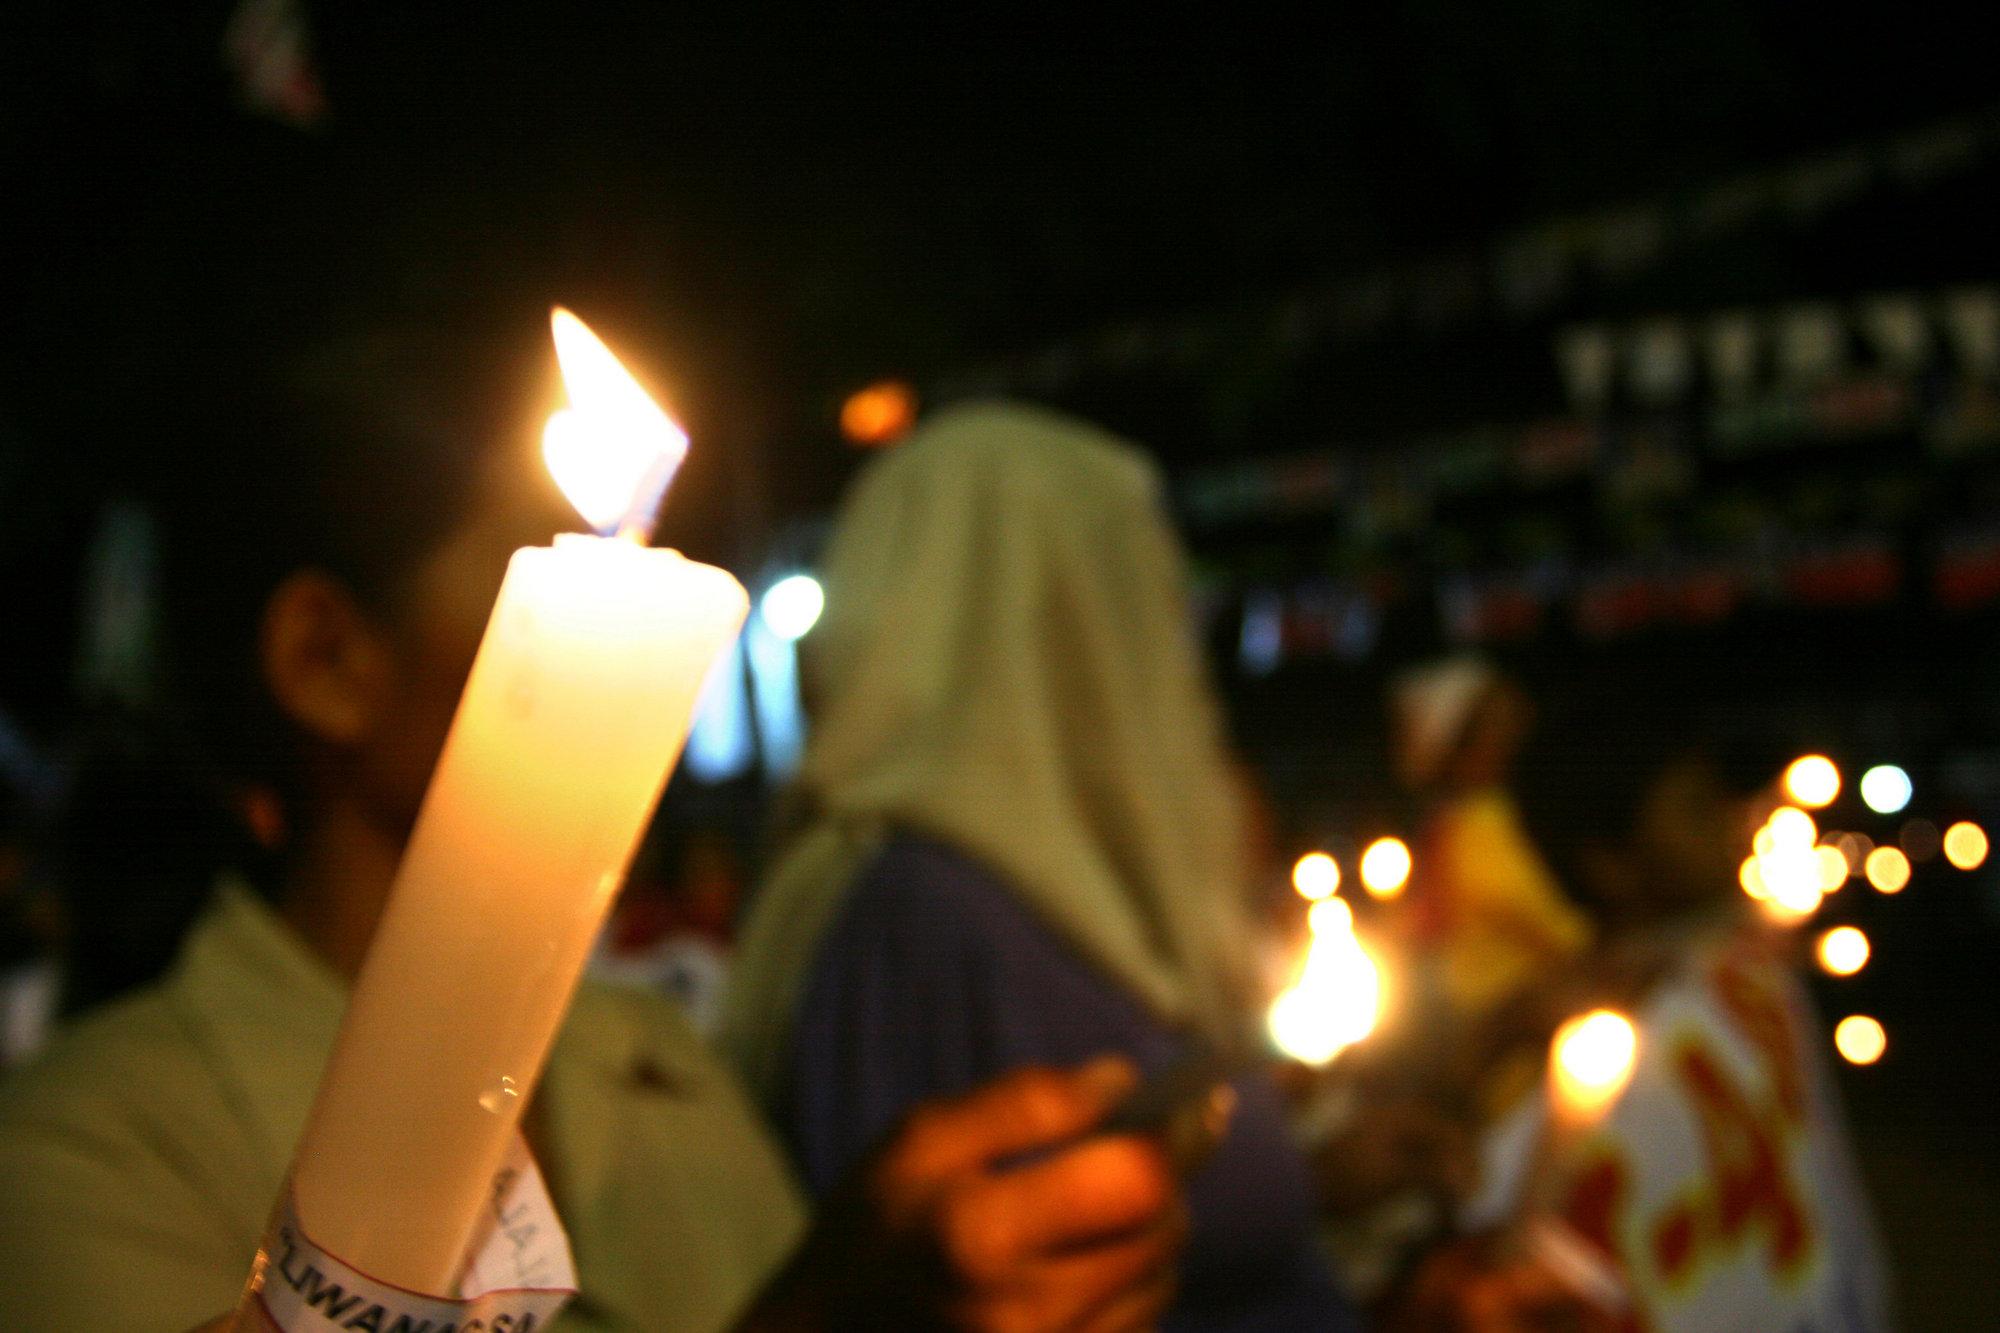 Dos expertos de la ONU denuncian la detención de cientos de cristianos iraníes